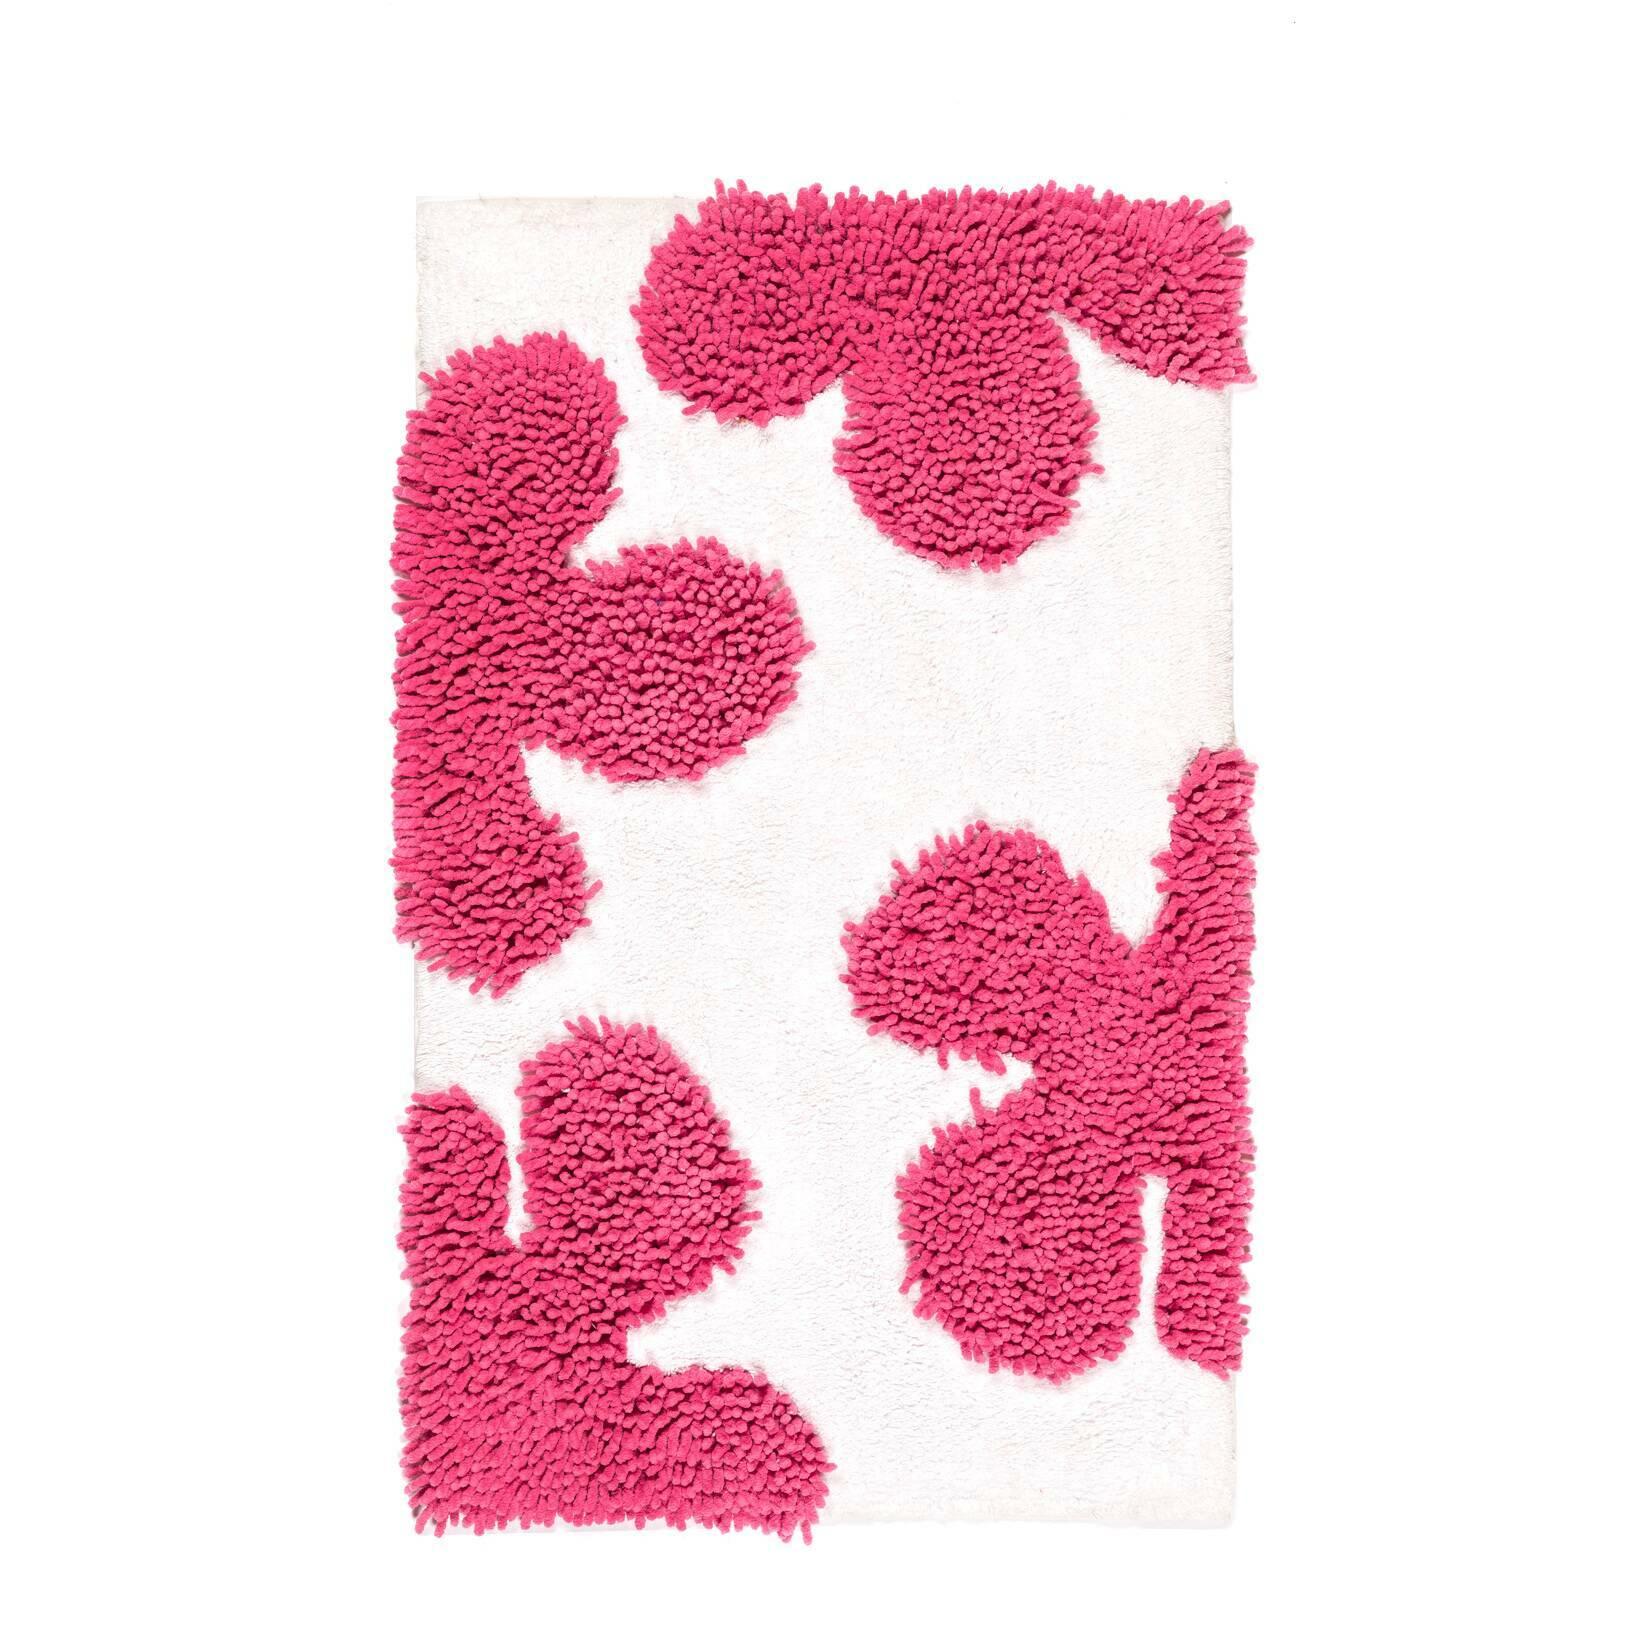 Ковер для ванной комнаты QuilonДля ванной комнаты<br>Каждый из нас четко понимает значение поговорки «Ноги держи в тепле, а голову в холоде». Застудив их, вы нанесете большой вред собственному здоровью. Именно поэтому стоит бережно заботиться о тепле полов, используя всевозможные покрытия, к коим относятся и коврики для ванной. Как можно уже понять, коврики для ванной это не только модный декор, но и вклад в здоровье семьи. Они также помогают снизить риск поскользнуться на мокрых от влаги кафельных полах.<br><br><br><br><br> Забавный яркий хиппи-диз...<br><br>stock: 3<br>Ширина: 50<br>Материал: Хлопок<br>Цвет: Белый+розовый/White+Pink<br>Высота ворса: ворс=12мм,петля=35мм<br>Длина: 80<br>Плотность ворса: 5500000стежков/м2<br>Состав основы: Противоскользящий каучук<br>Тип производства: Ручное производство